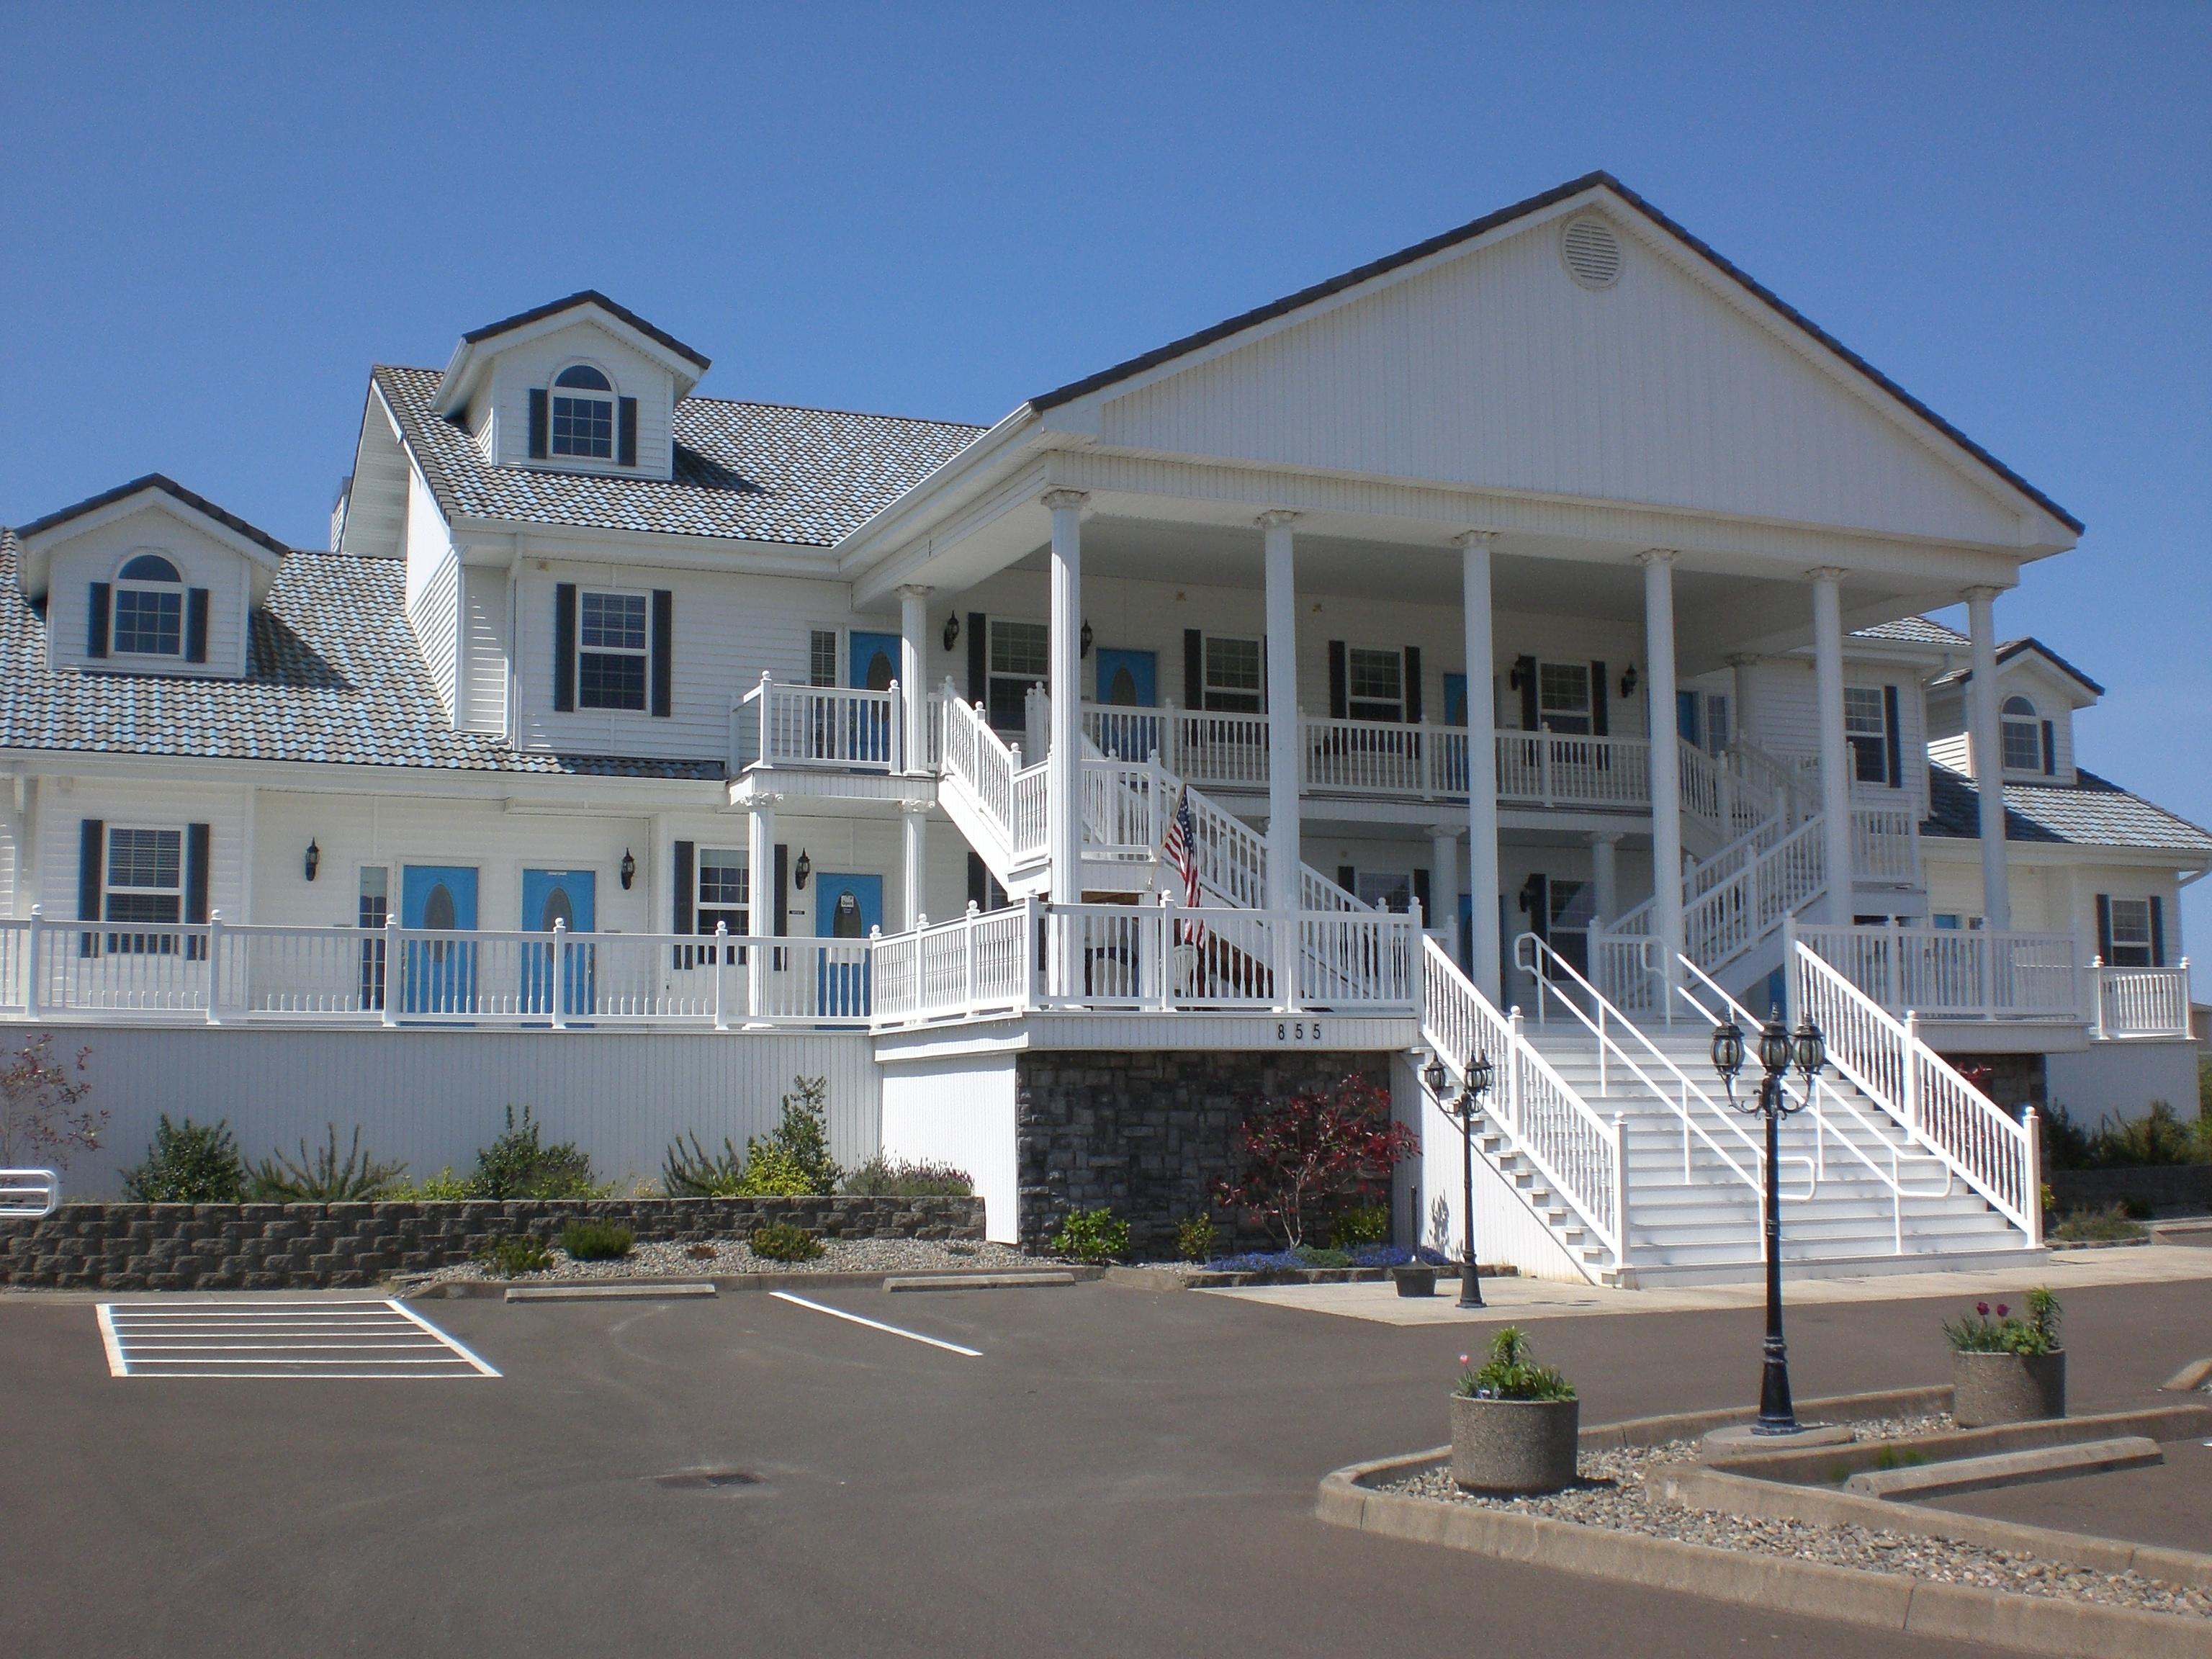 Judith Ann Inn In Ocean Shores Wa 360 289 0